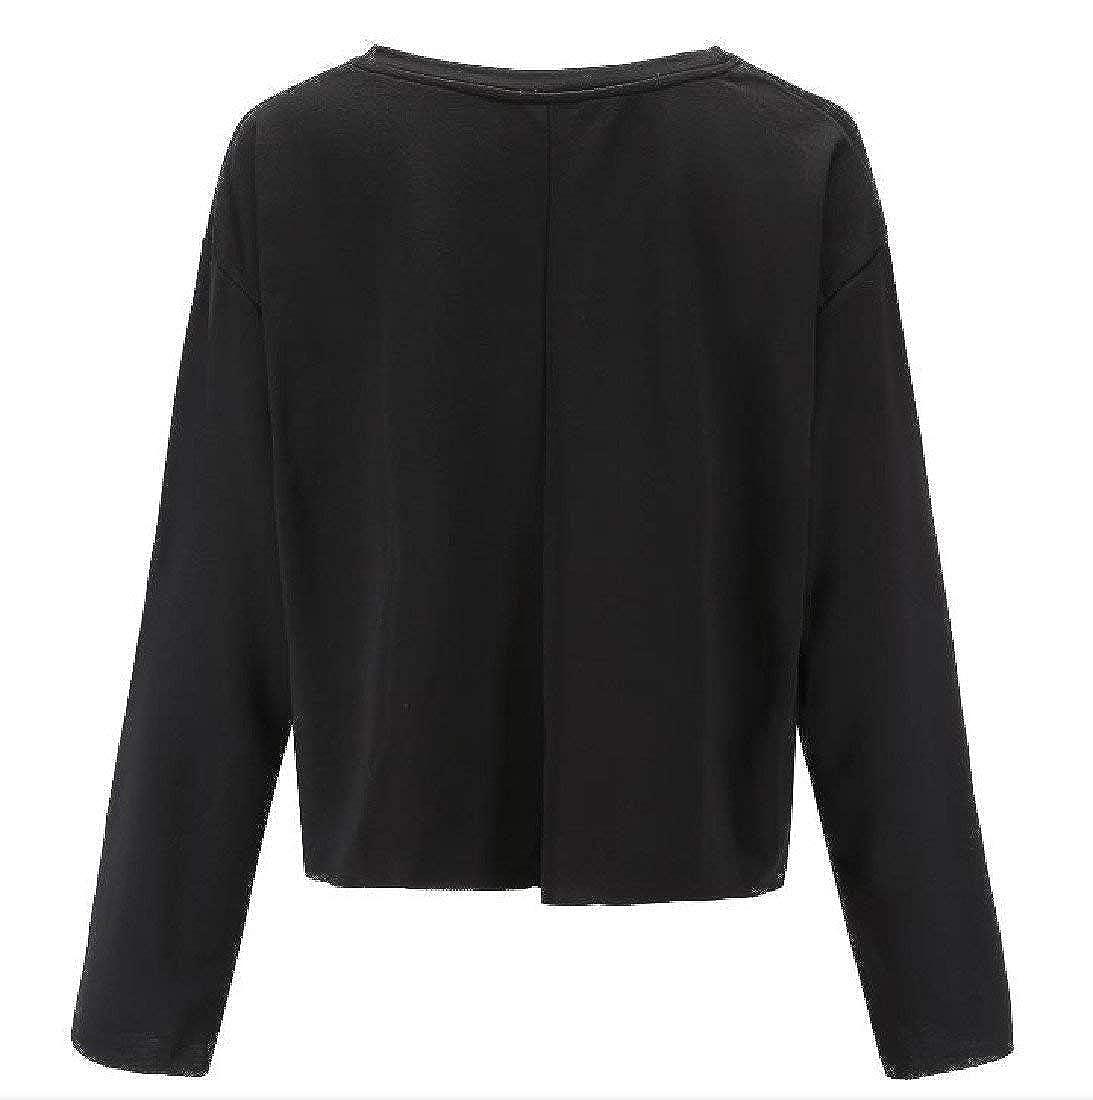 Hadudu Women Wide Hem Pure Color Short Novelty Sweatshirt Pullover Top